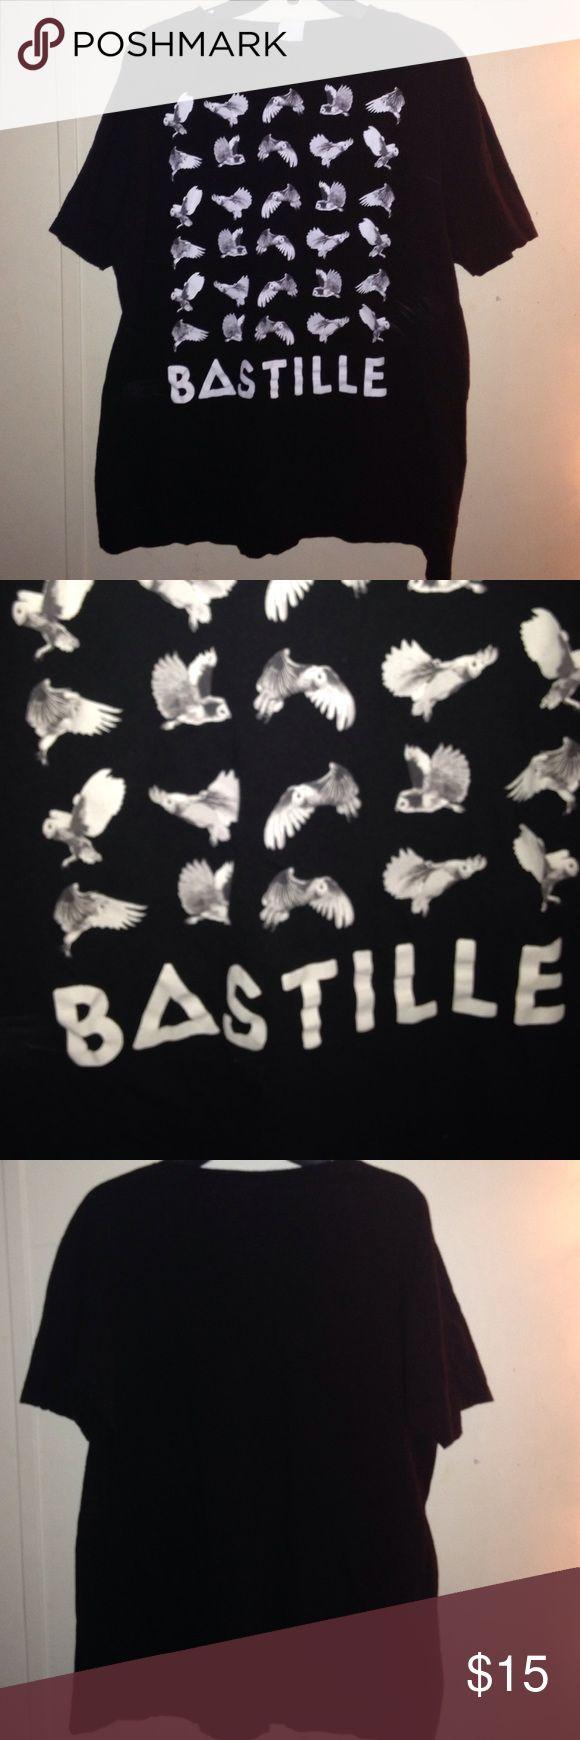 covers de bastille